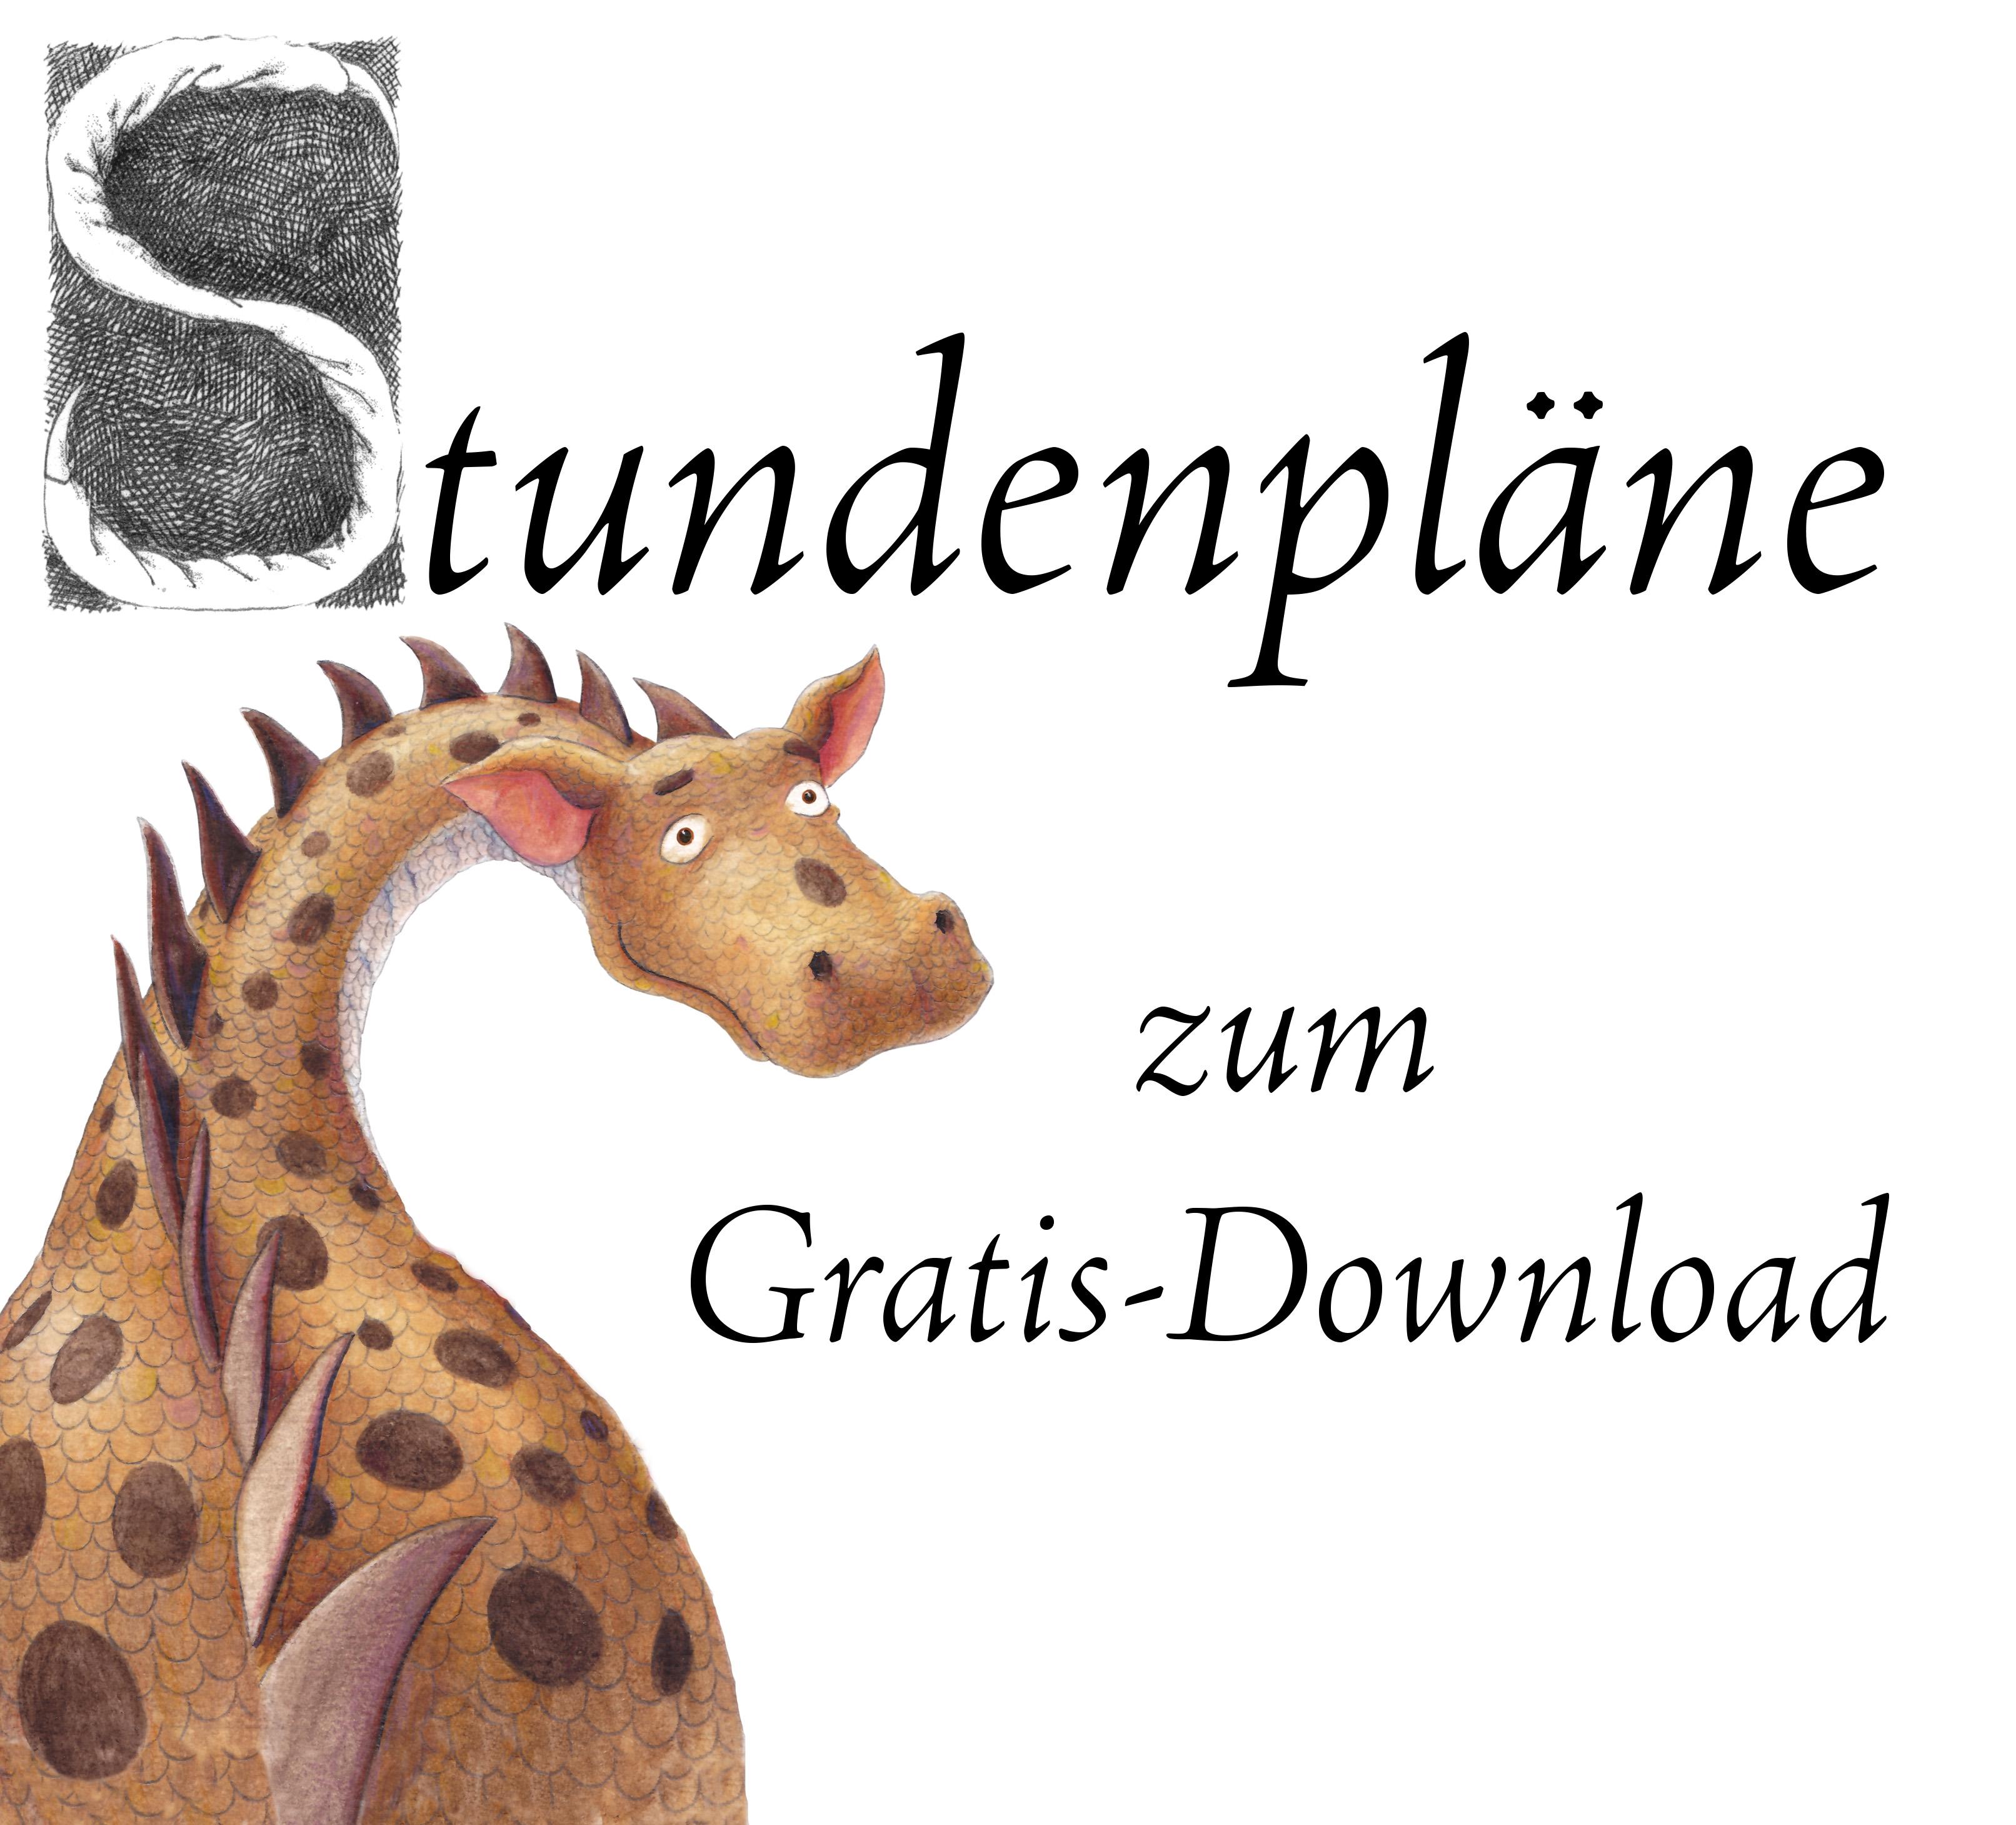 Stundenpläne zum Gratis-Download